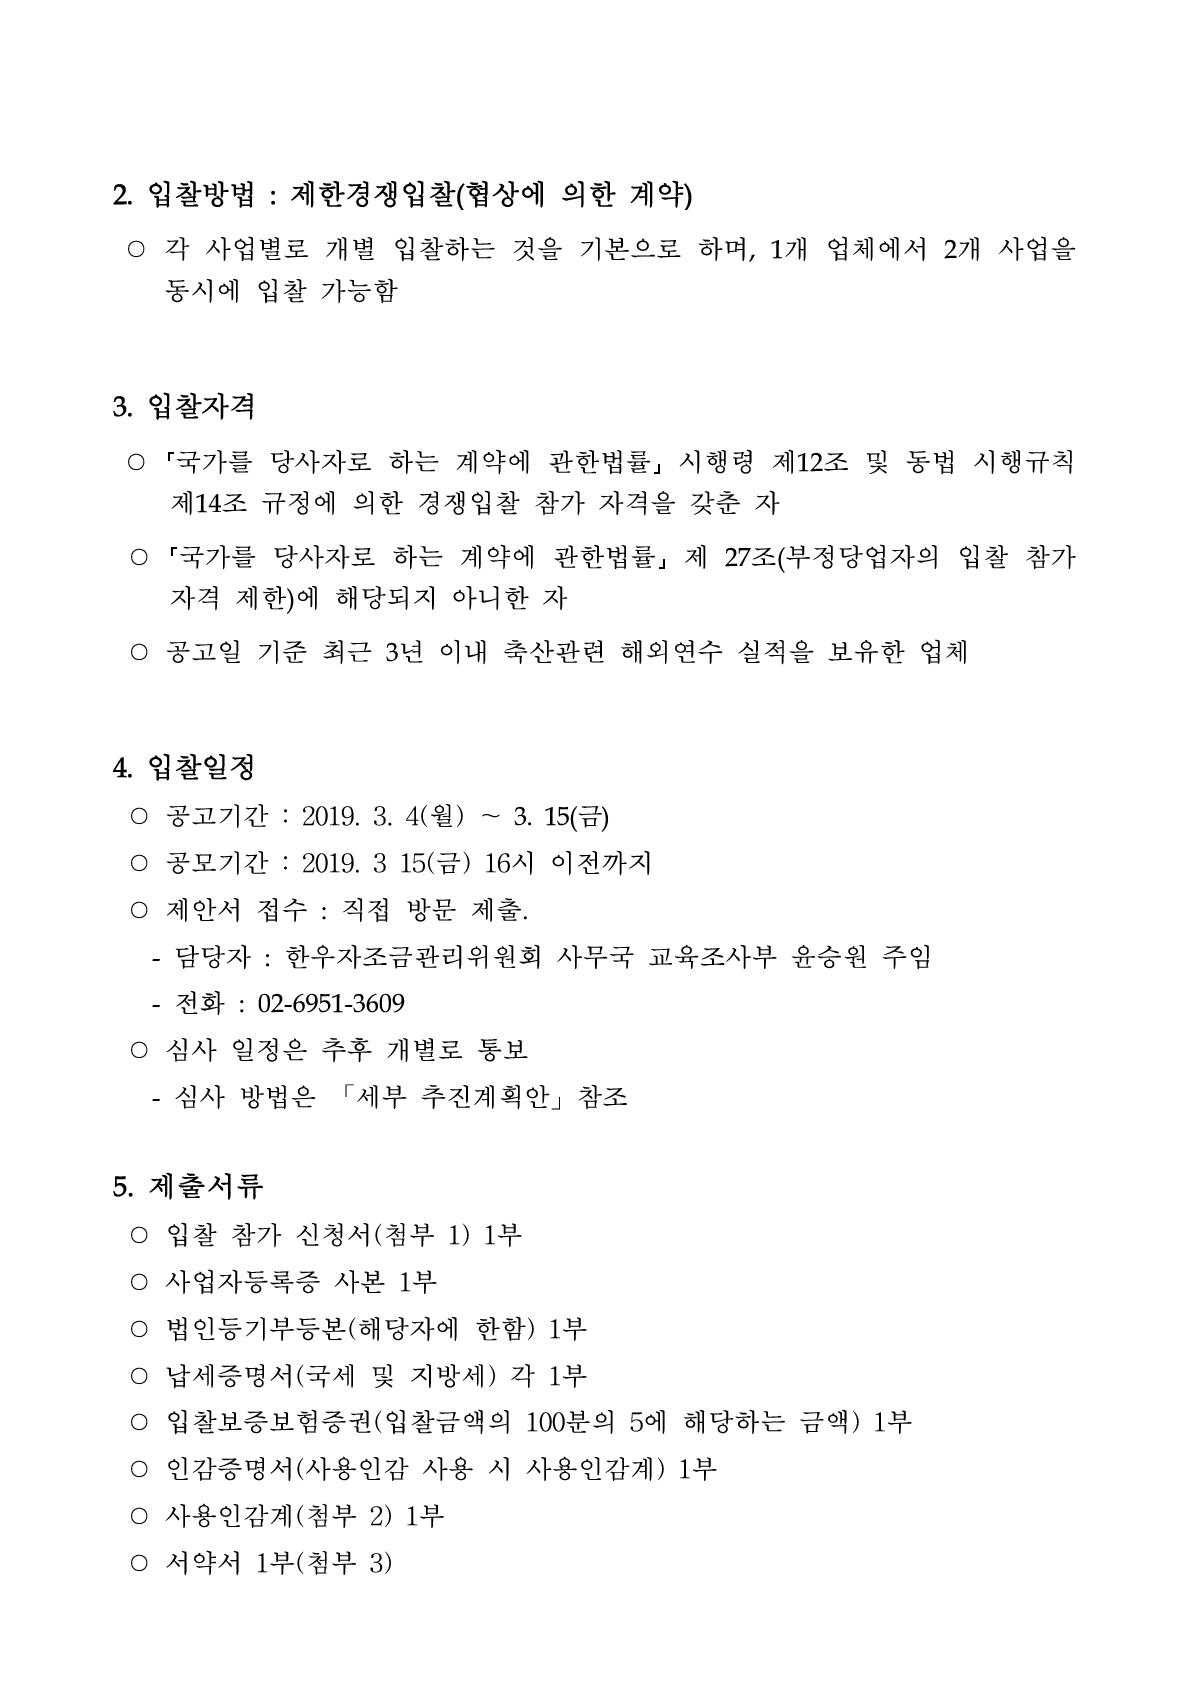 2019년_한우자조금_해외연수_입찰공고문_2.jpg